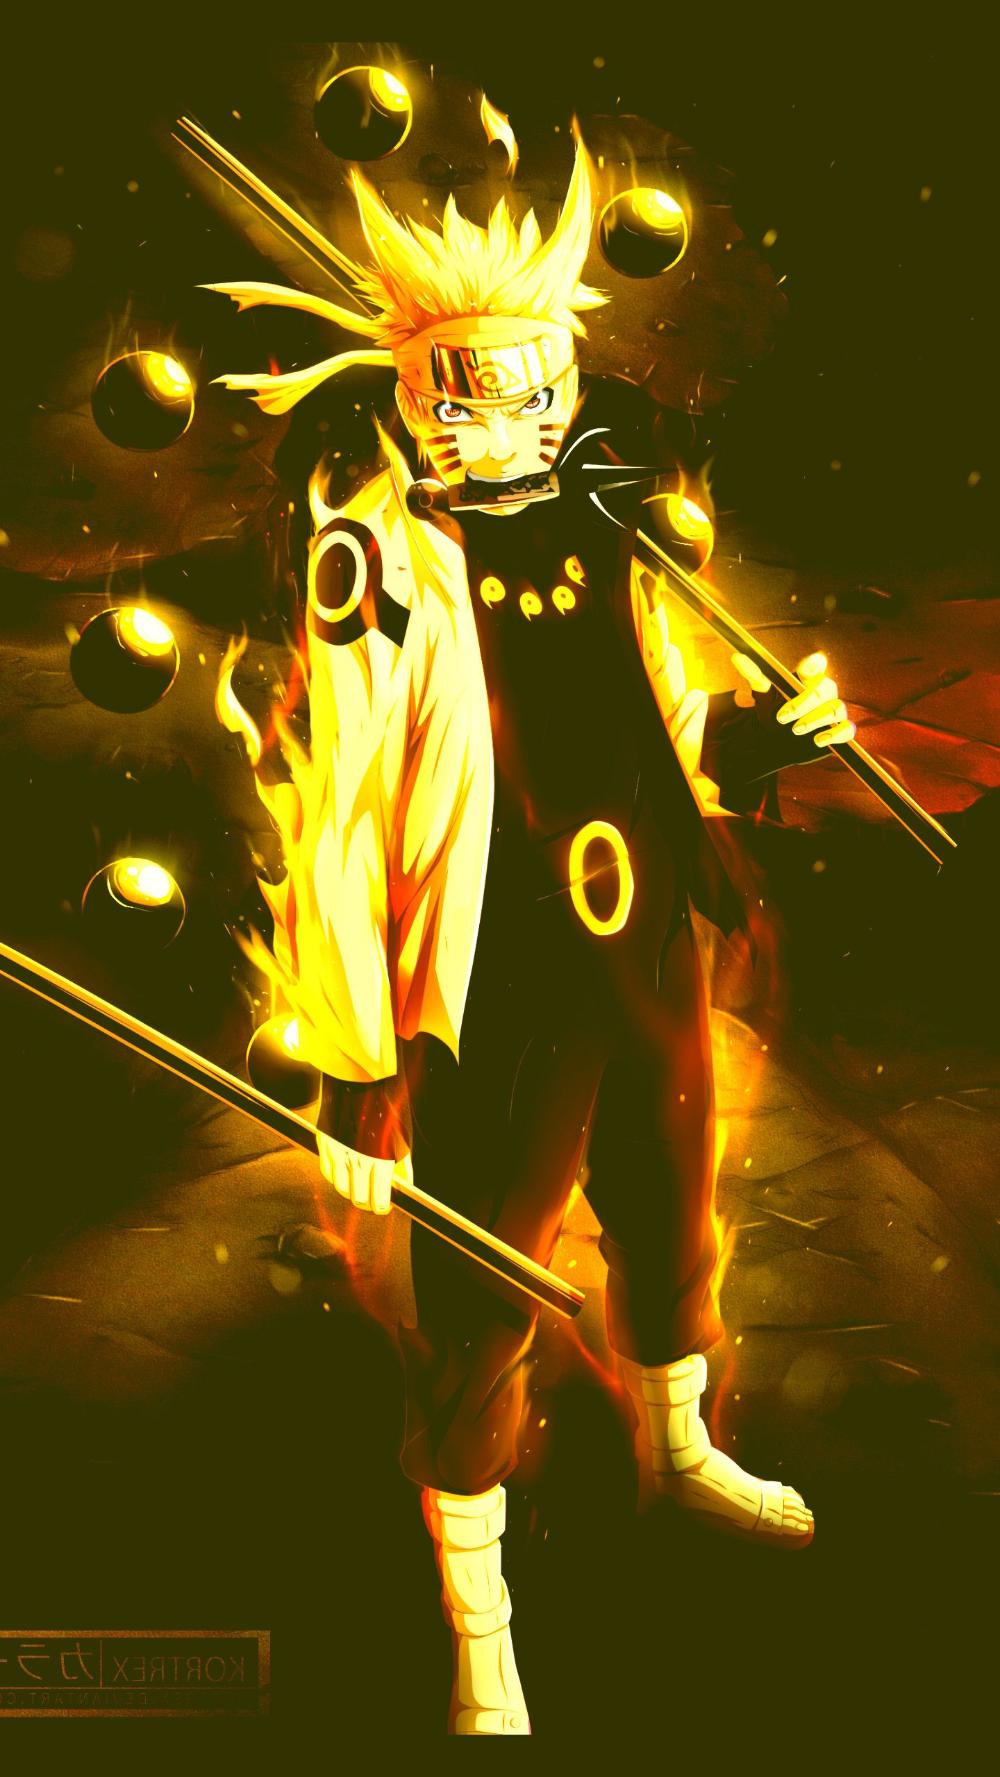 Les Meilleures Fond D Ecran Manga Sur Notre Site Wallpaper Iphone Naruto Naruto Wallpaper Manga Euror Fond Ecran Manga Naruto Fond D Ecran Dessin